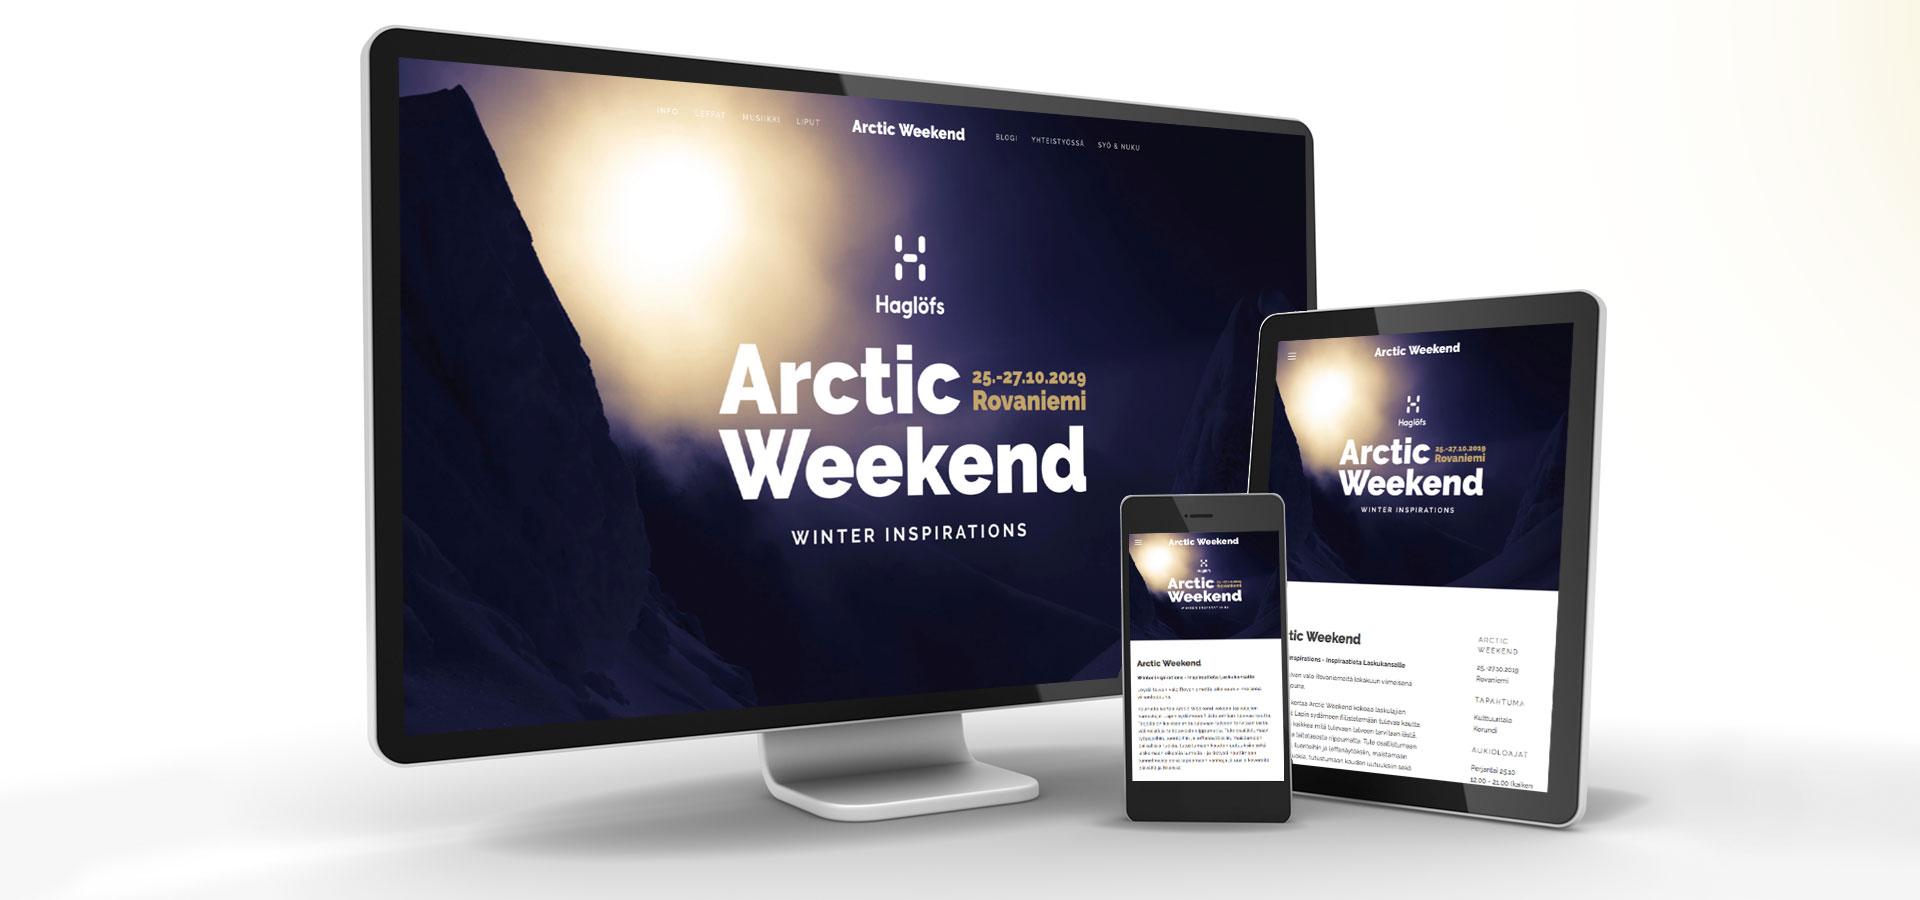 ArcticWeekend-Web.jpg